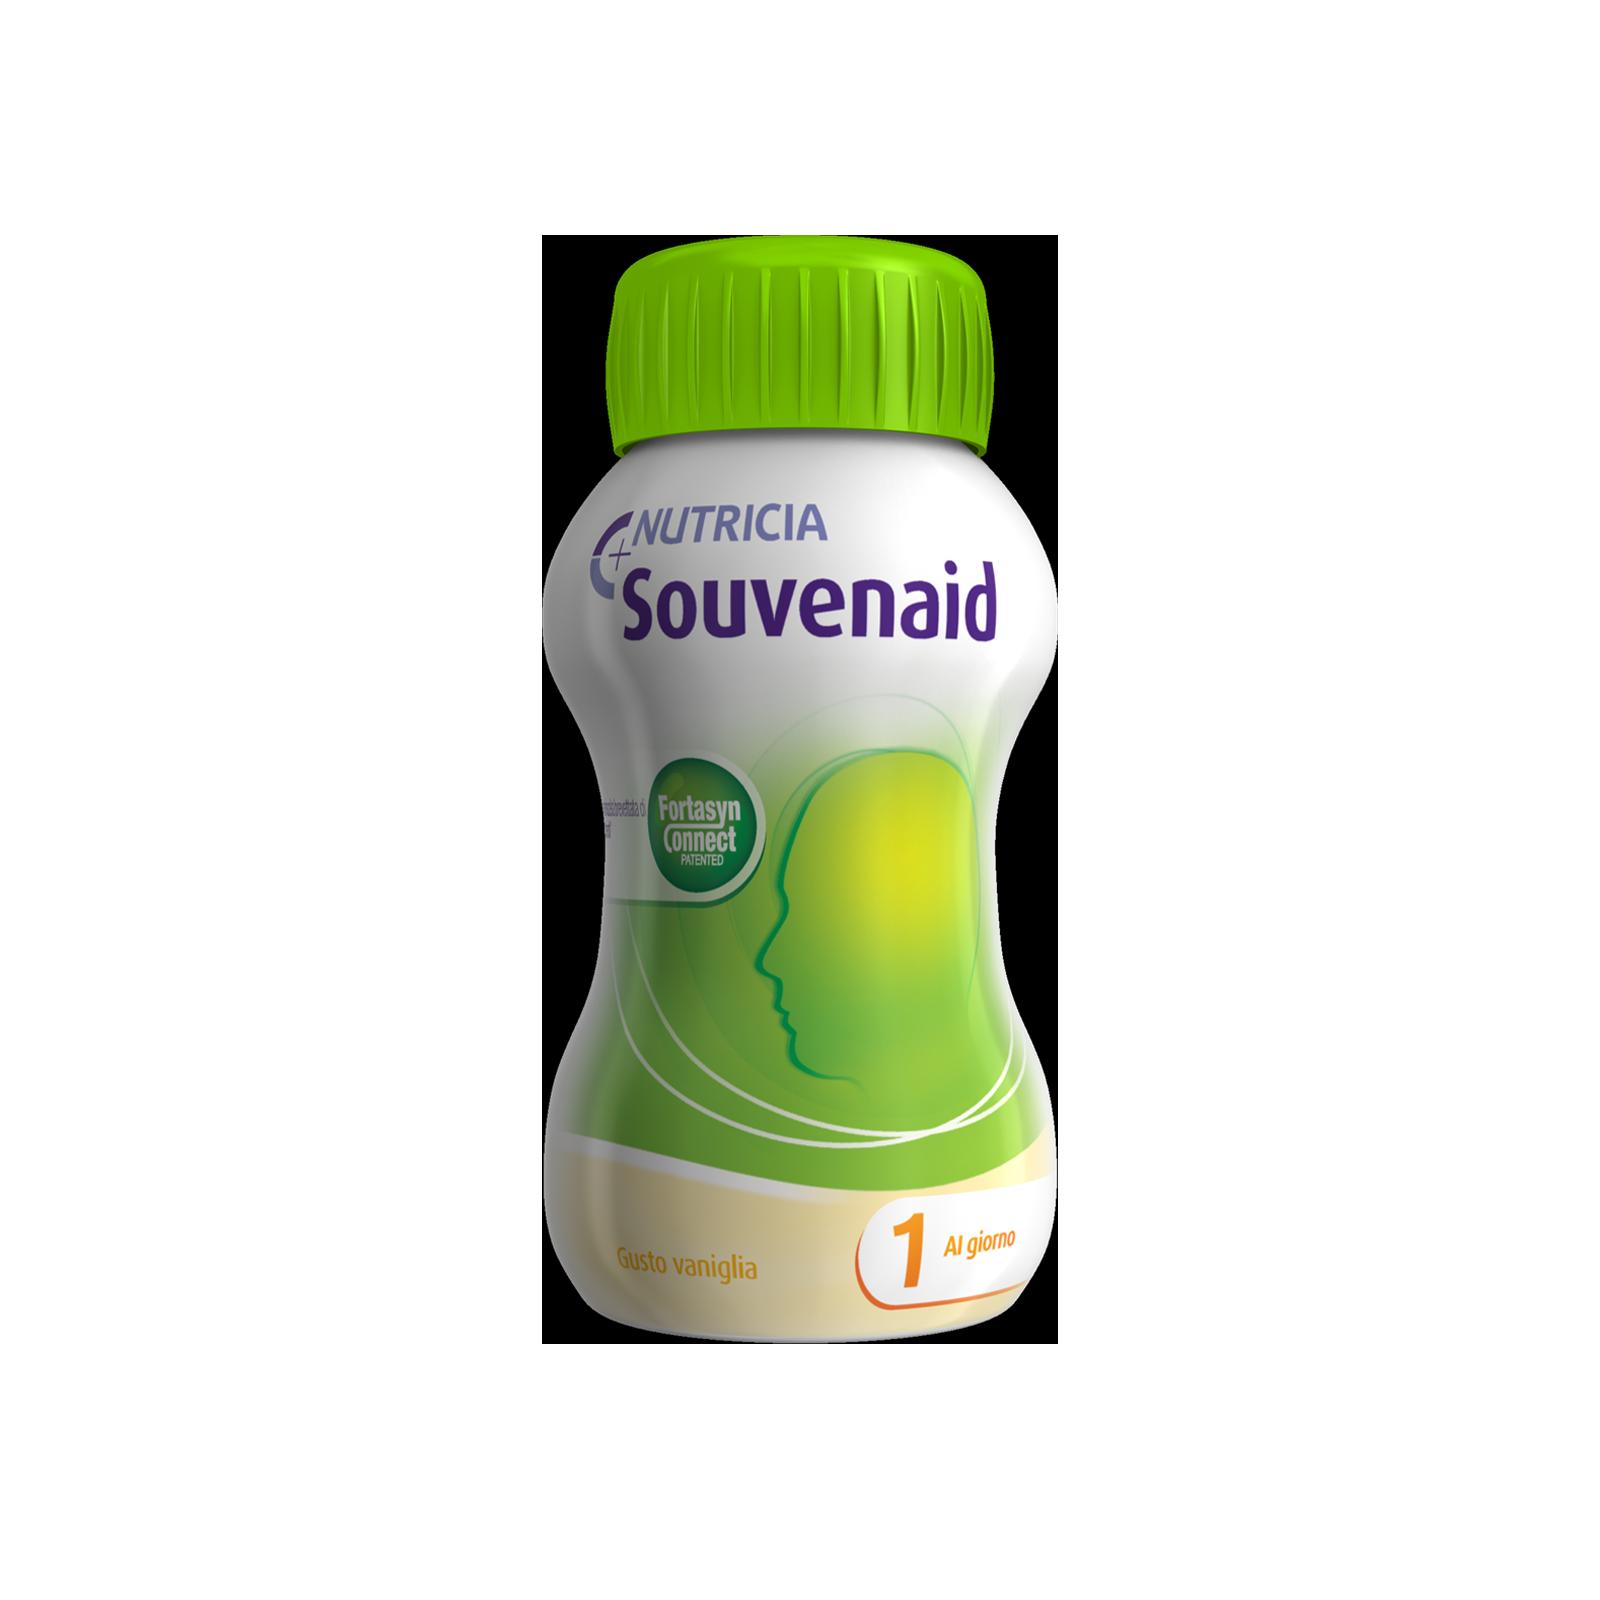 Souvenaid Vaniglia 48x Confezione 125 ml | Nutricia